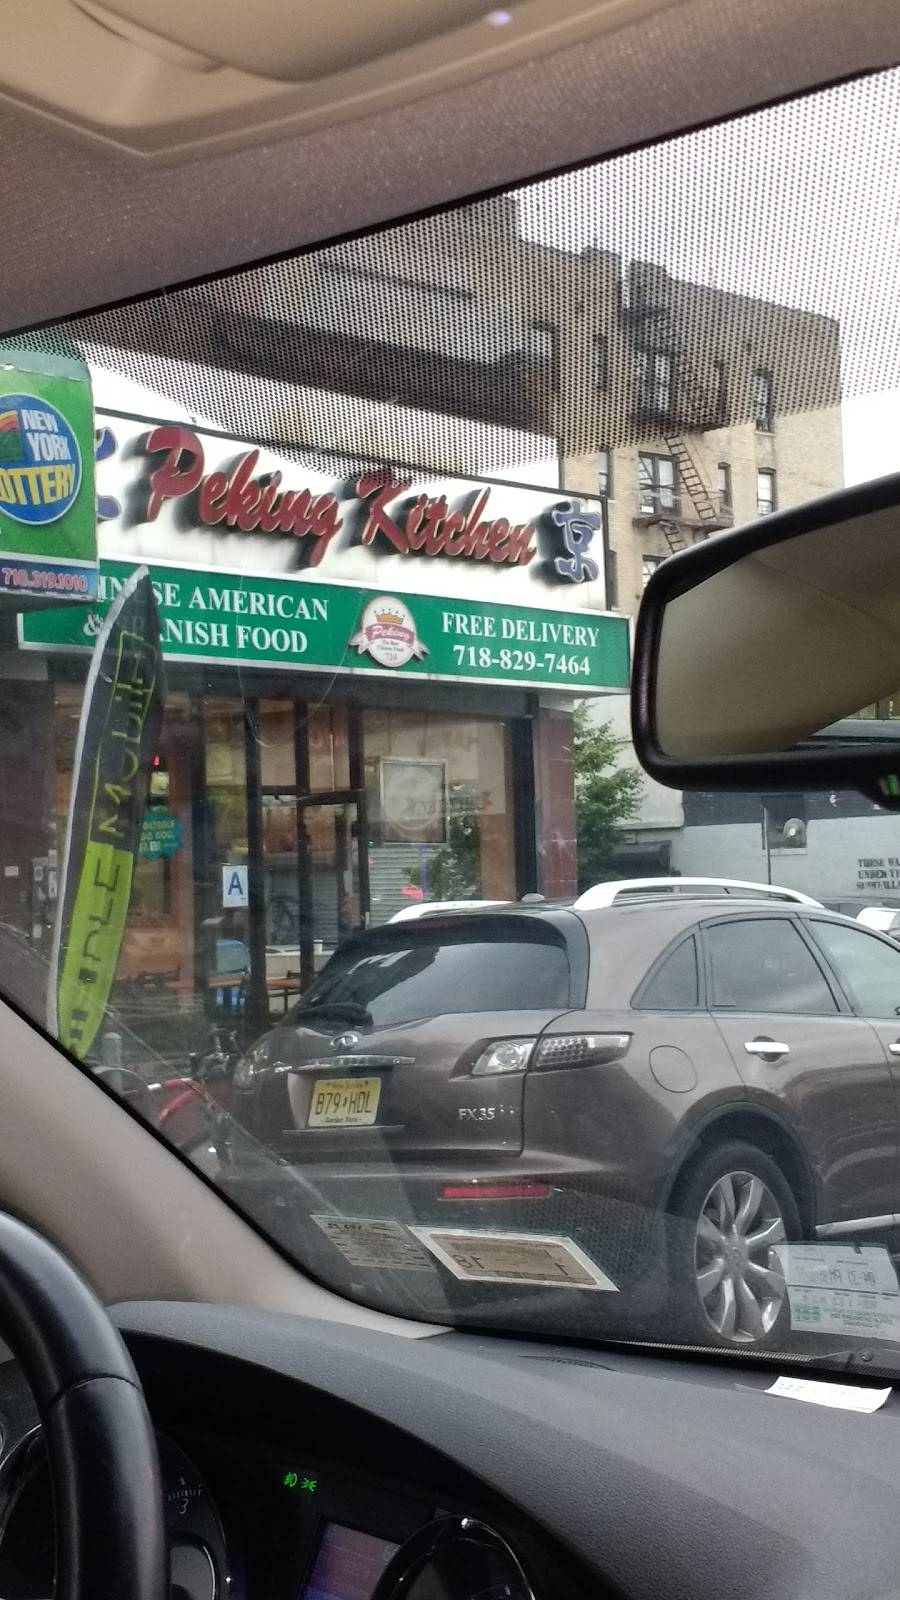 Peking Kitchen | restaurant | 724 Lydig Ave, Bronx, NY 10462, USA | 7188297464 OR +1 718-829-7464